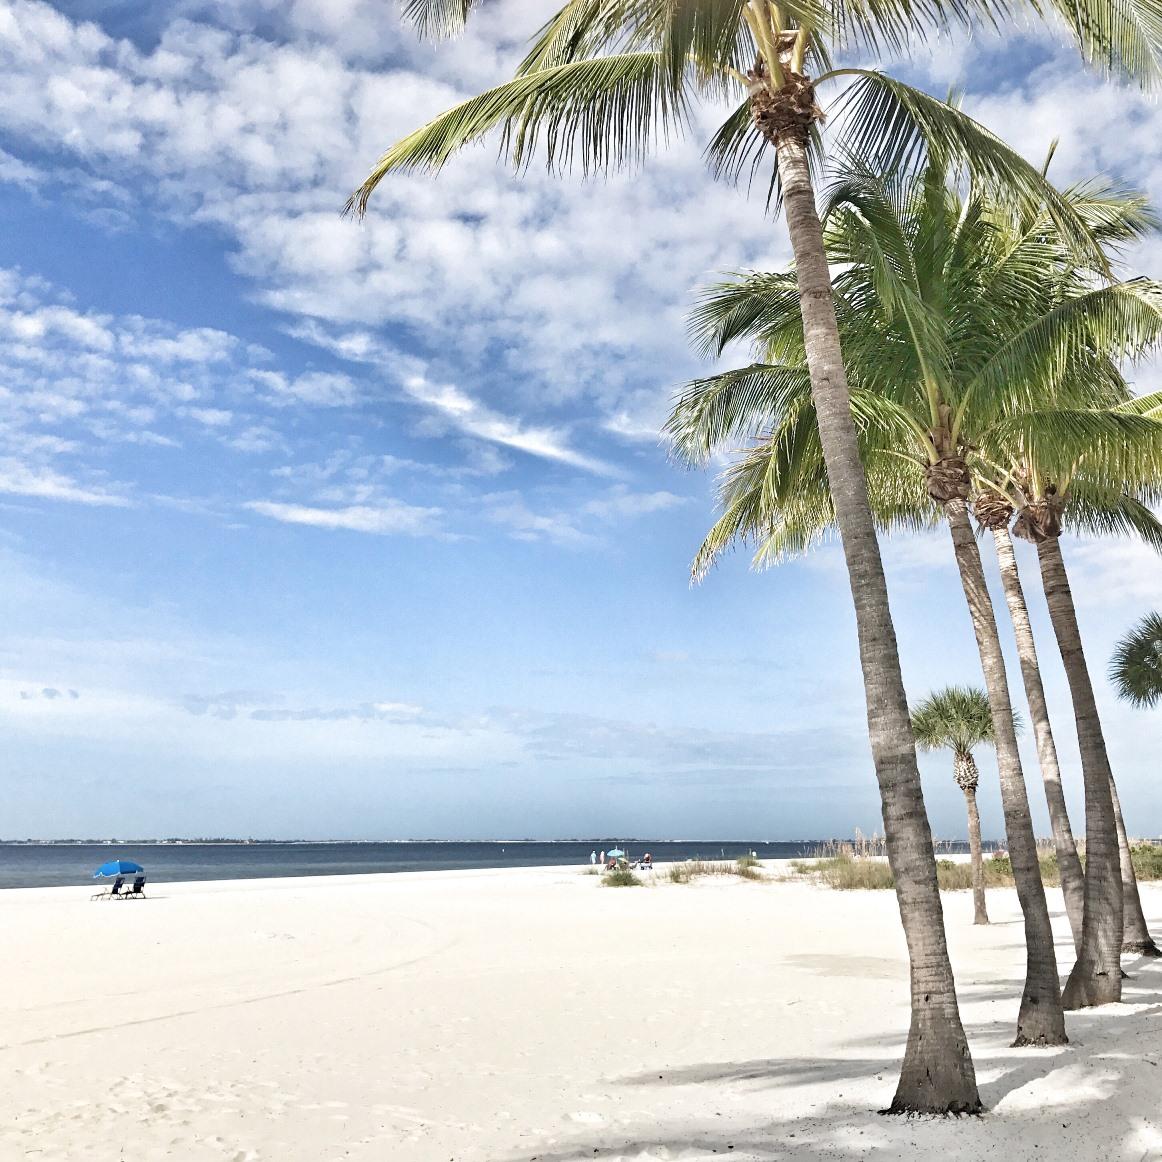 Ett foto från en av Christians Mudas senaste resor – Fort Meyers beach på Floridas västkust